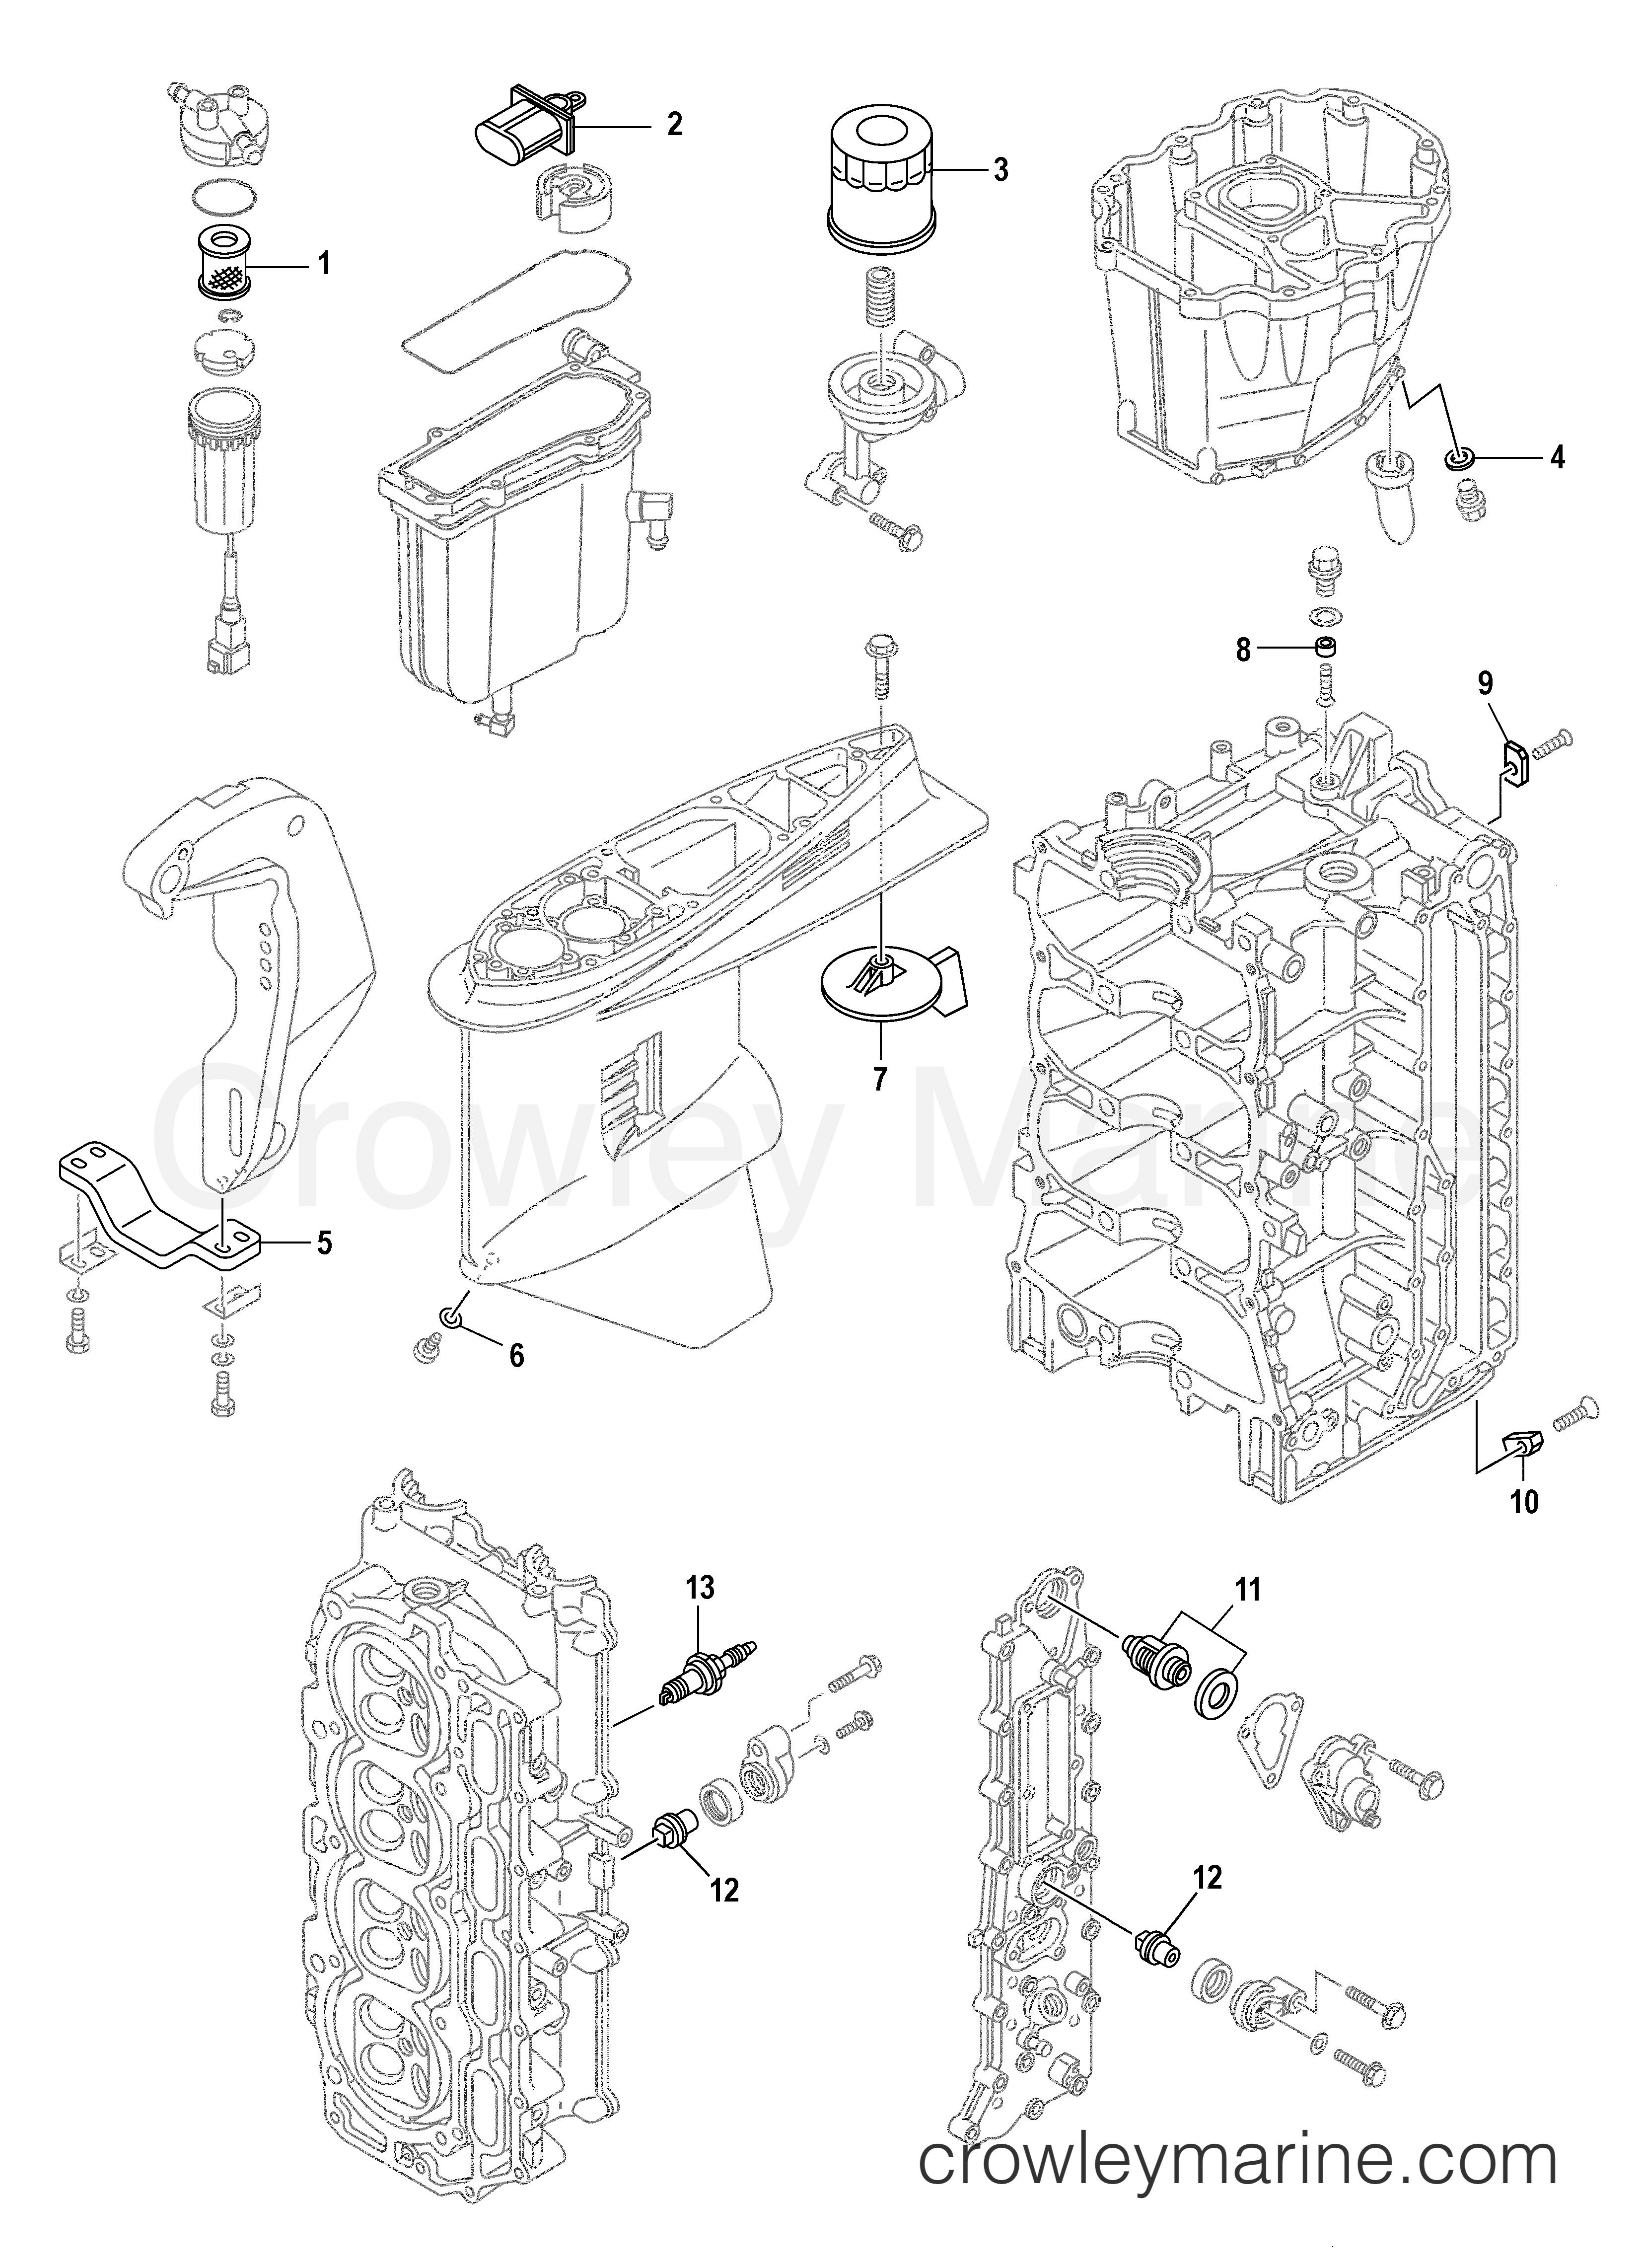 scheduled service parts